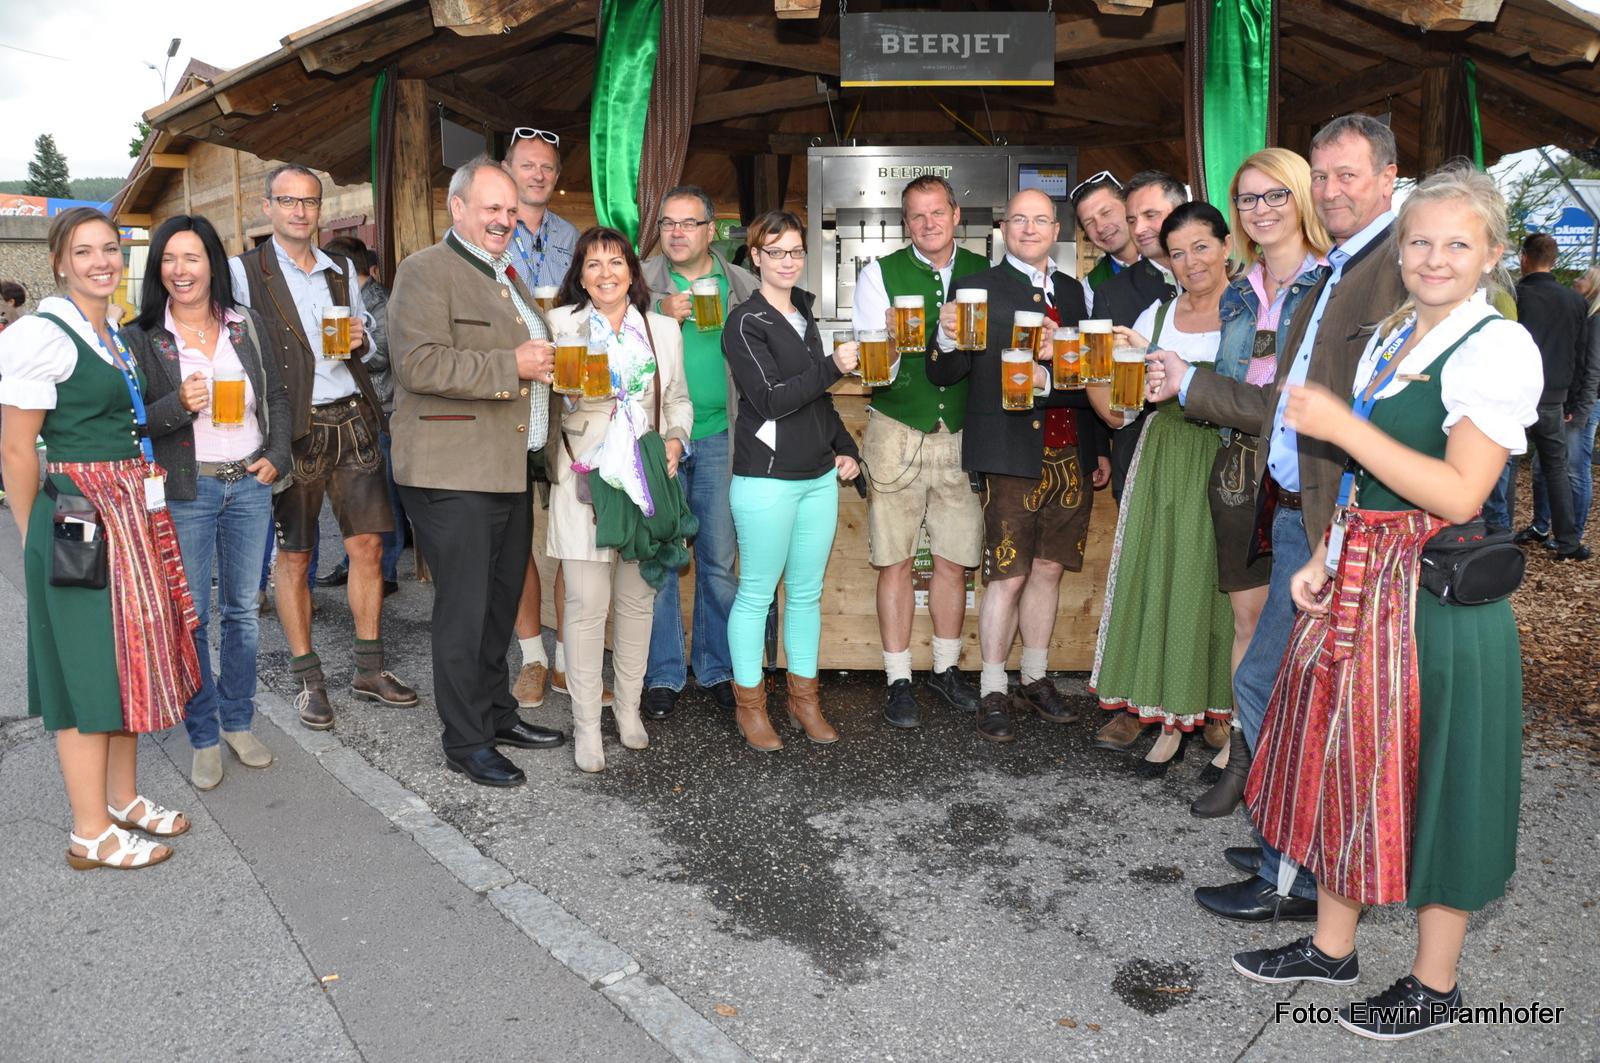 Der moderne Beerjet in Freistadt auf der Mühlviertler Wiesn 2014